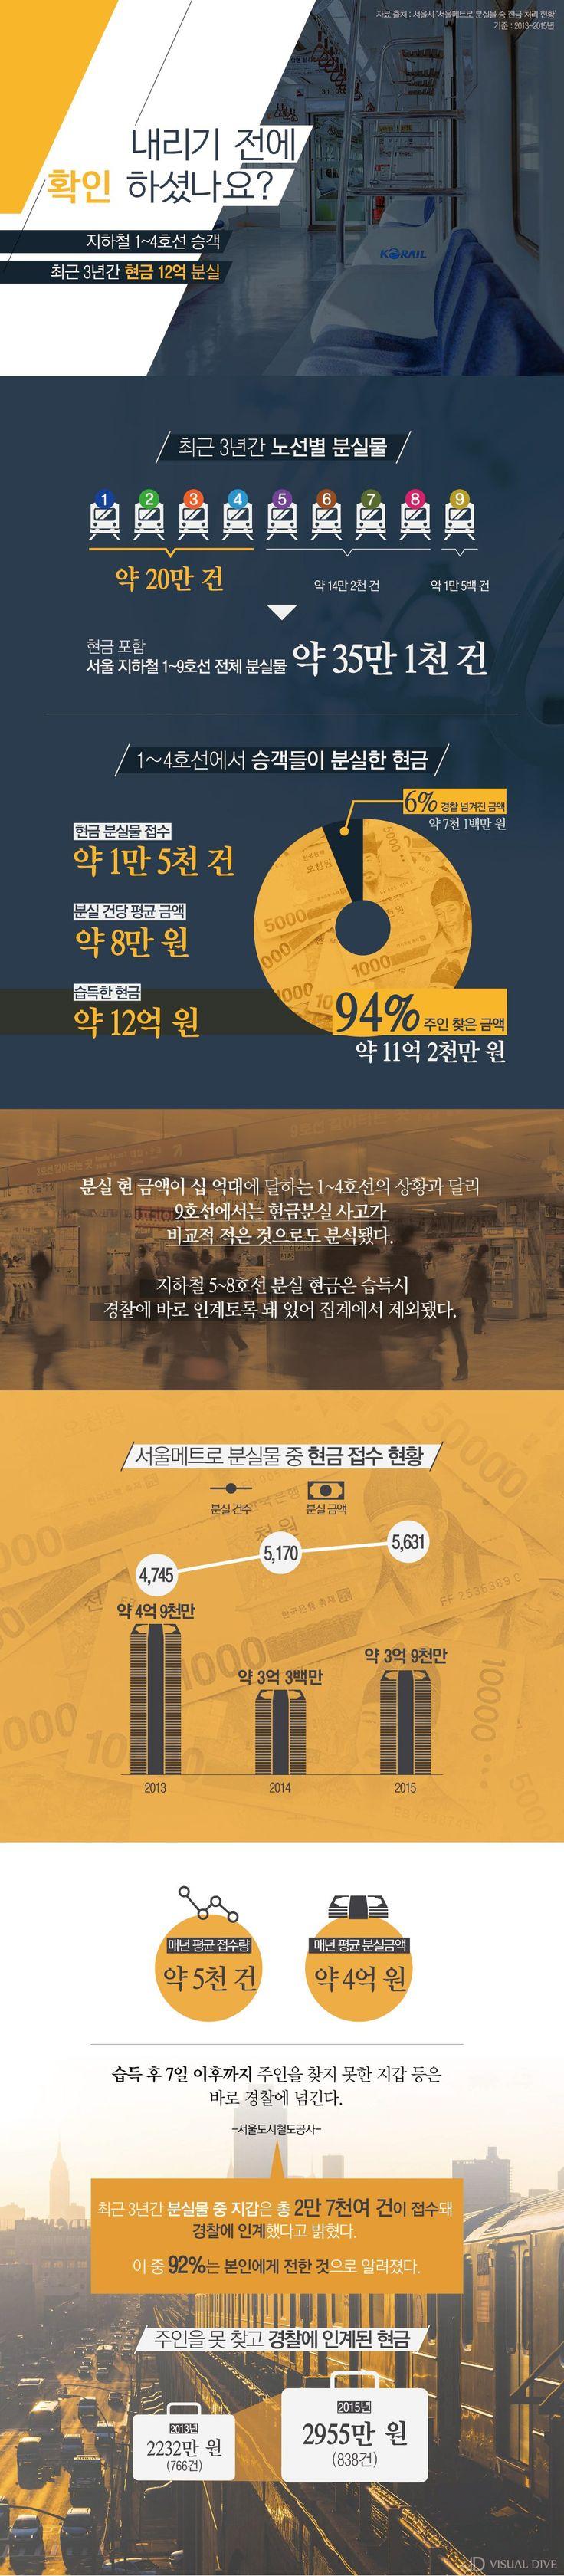 3년 간 지하철에서 분실된 현금은 얼마? [인포그래픽] | 비주얼다이브